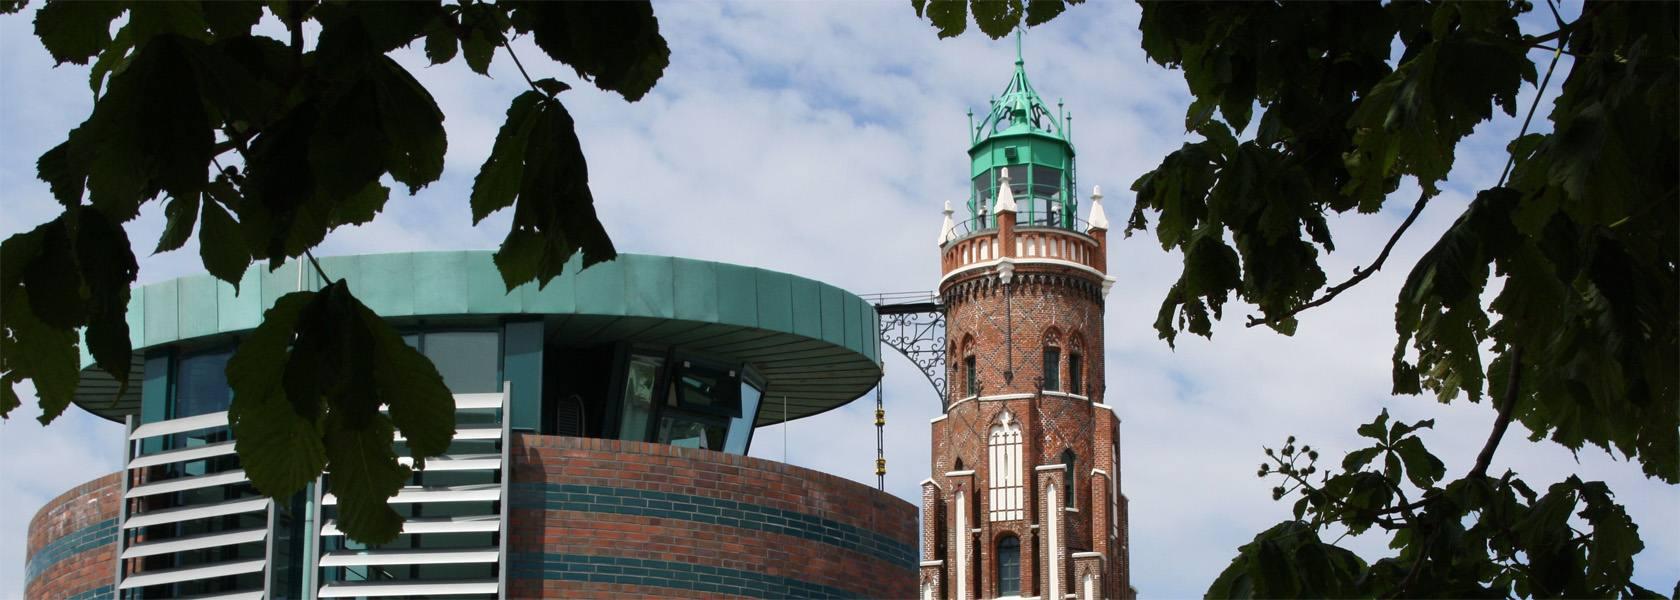 Simon Loschen Leuchtturm Bremerhaven, © Jens Wählken, Erlebnis Bremerhaven